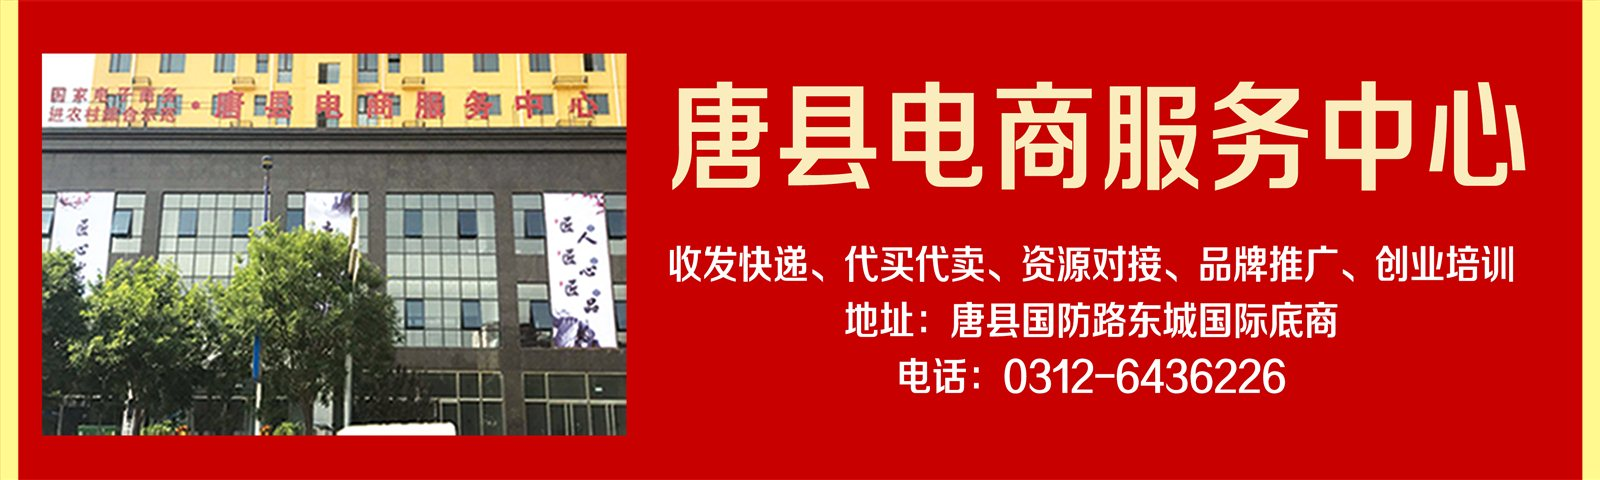 唐县电商服务中心